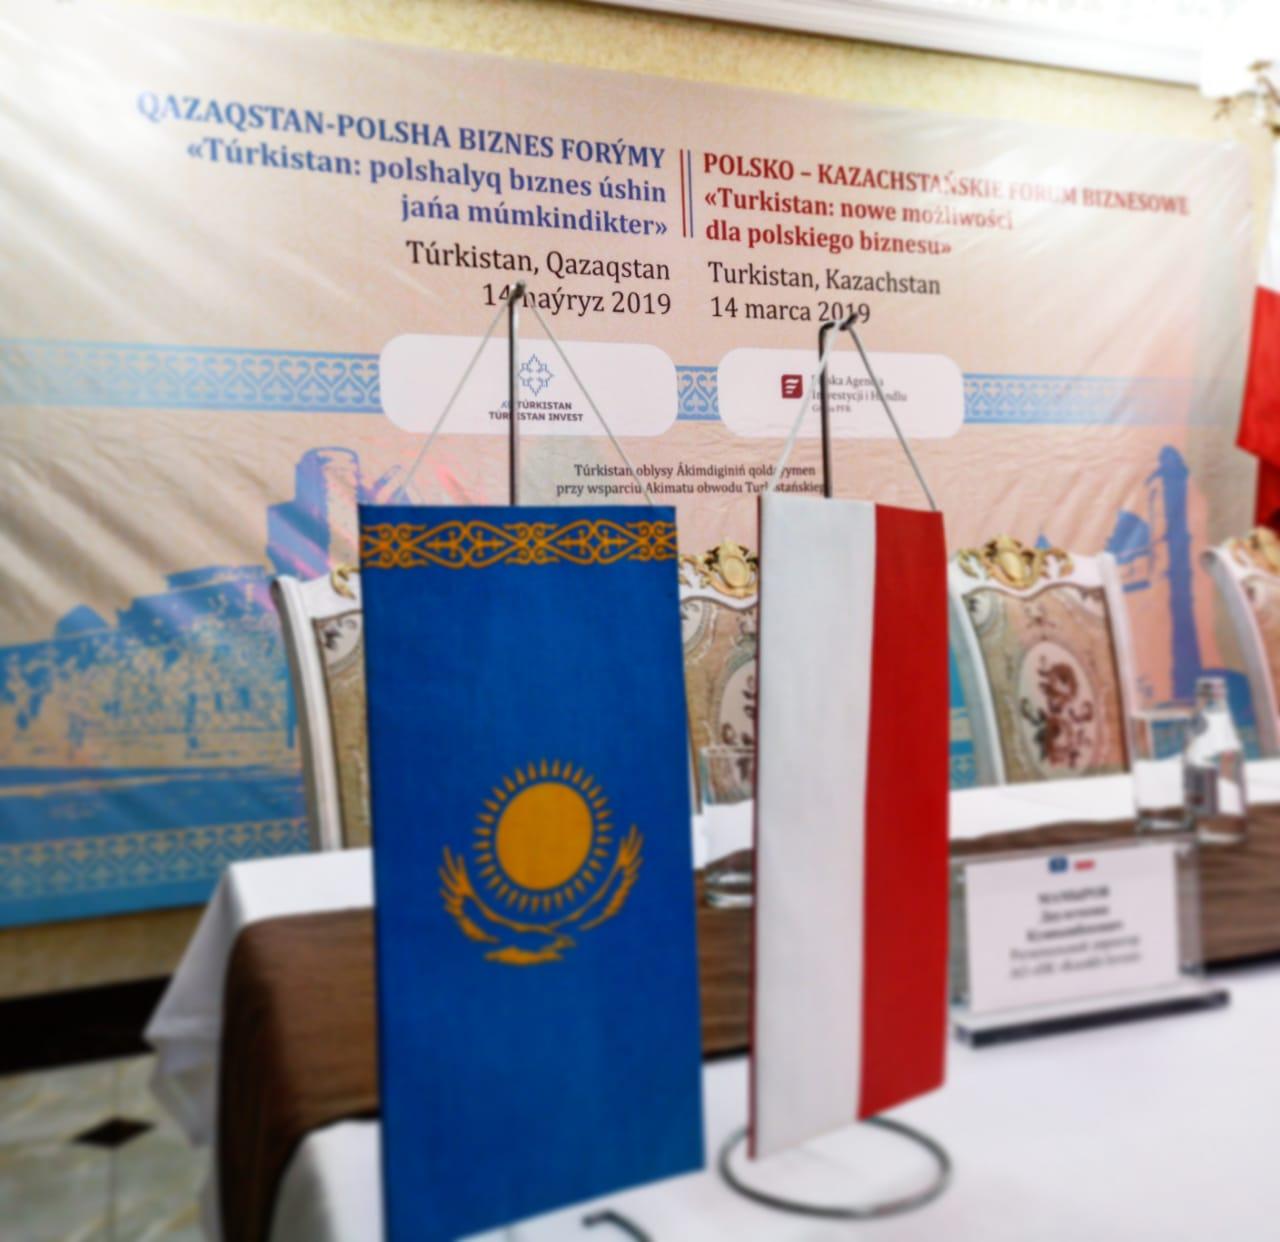 Түркістанда Халықаралық Қазақстан-Польша бизнес-форумы өтті